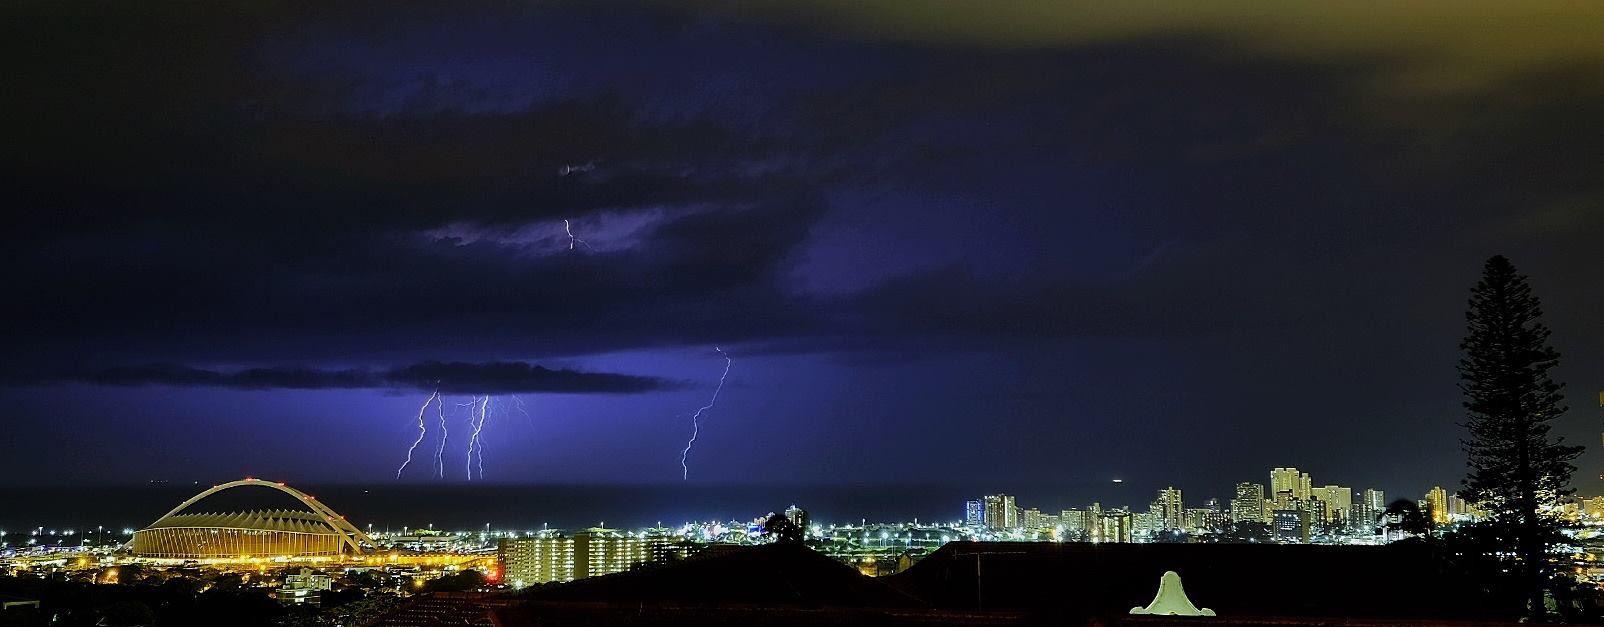 Thunderstorm over Durban  - September 30th 2015 ...